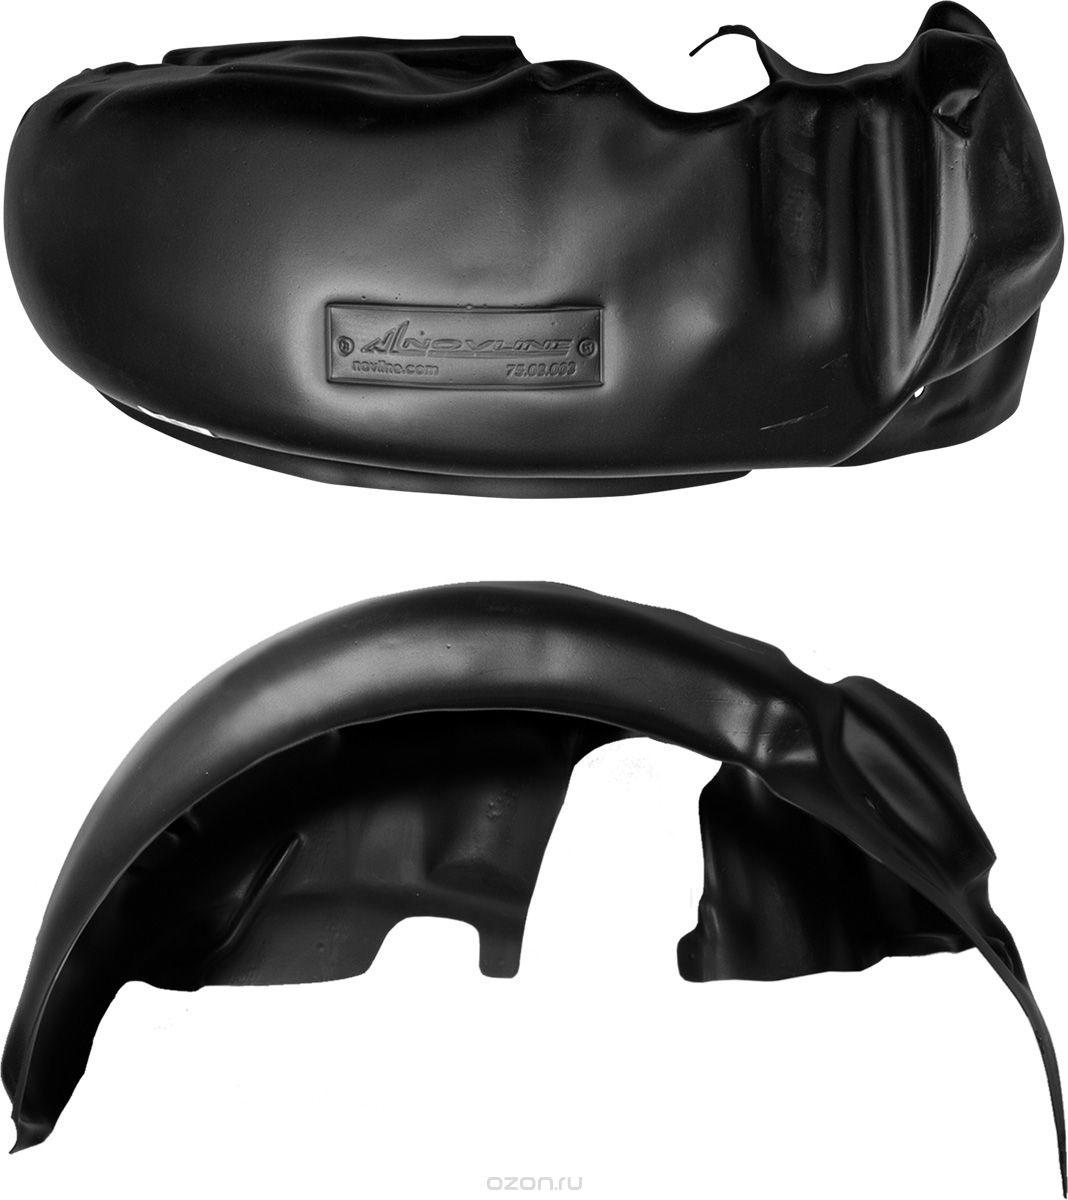 Подкрылок Novline-Autofamily, для Toyota Hilux, 09/2015->, пикап, передний правыйNLL.48.62.002Идеальная защита колесной ниши. Локеры разработаны с применением цифровых технологий, гарантируют максимальную повторяемость поверхности арки. Изделия устанавливаются без нарушения лакокрасочного покрытия автомобиля, каждый подкрылок комплектуется крепежом. Уважаемые клиенты, обращаем ваше внимание, что фотографии на подкрылки универсальные и не отражают реальную форму изделия. При этом само изделие идет точно под размер указанного автомобиля.